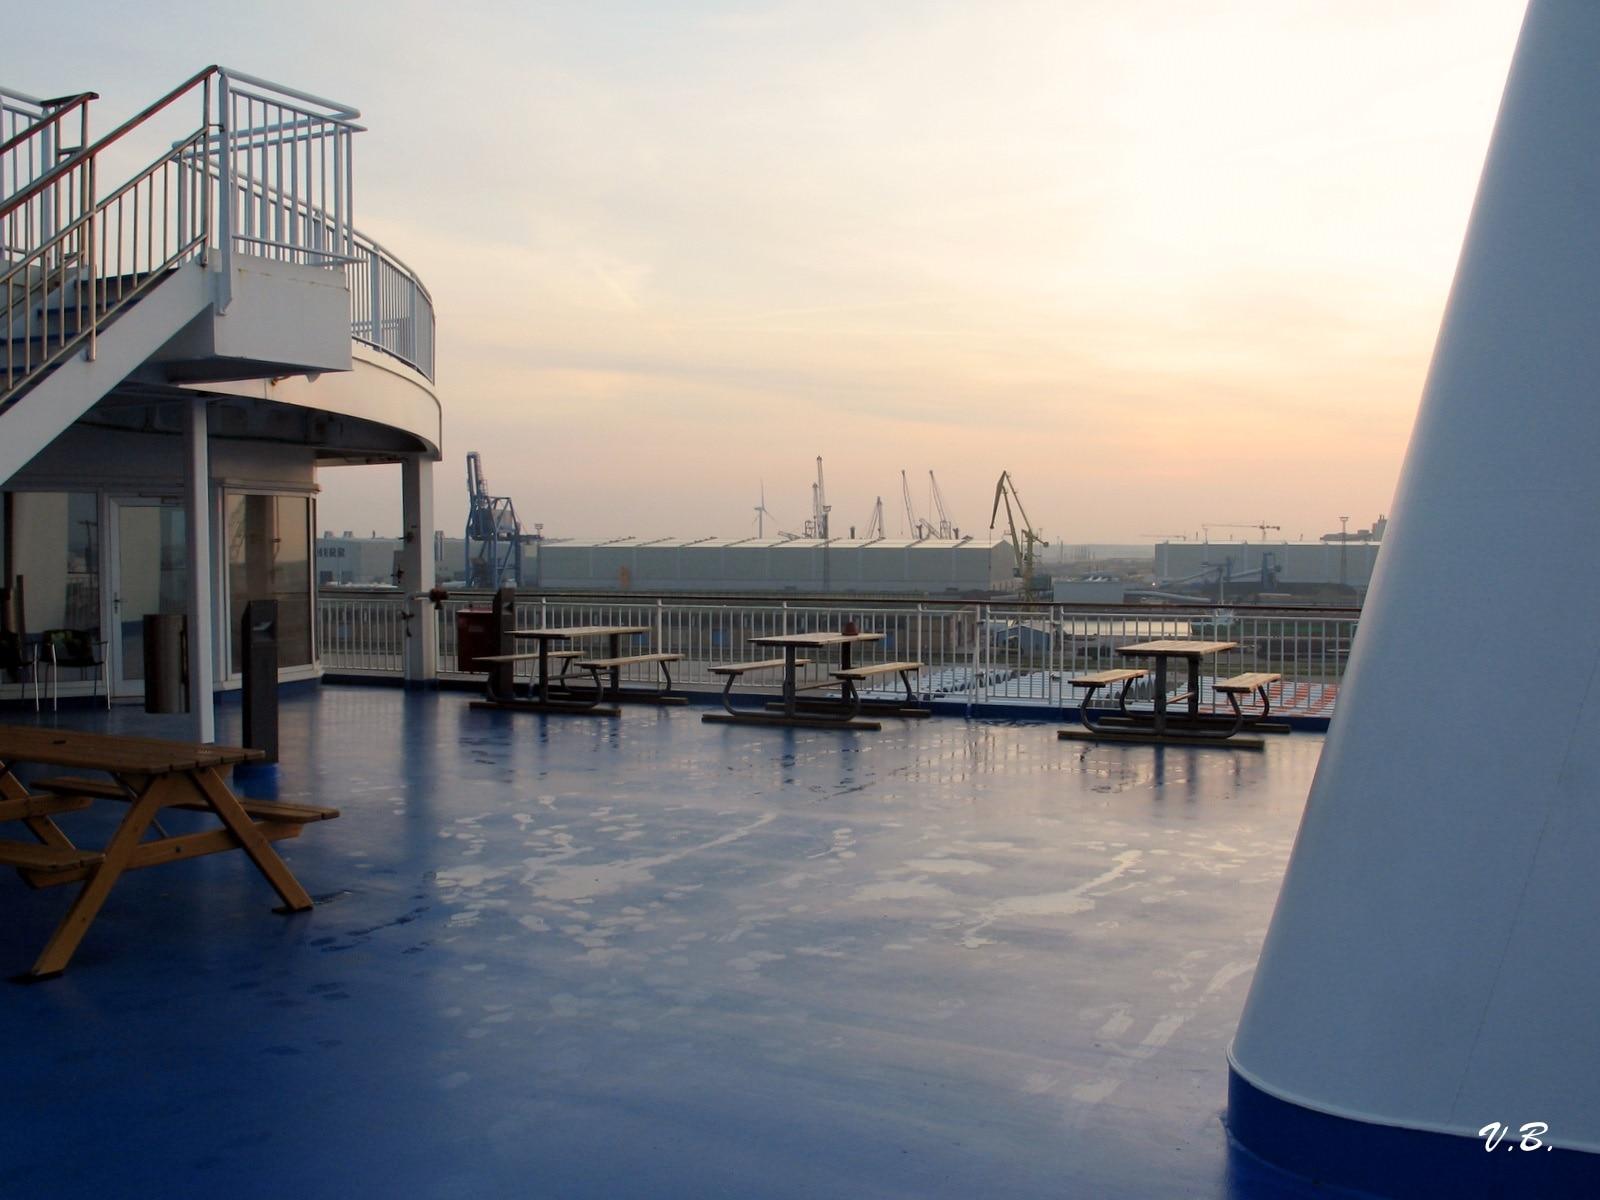 Hafen Rostock, Rostock, Mecklenburg-Vorpommern, Deutschland